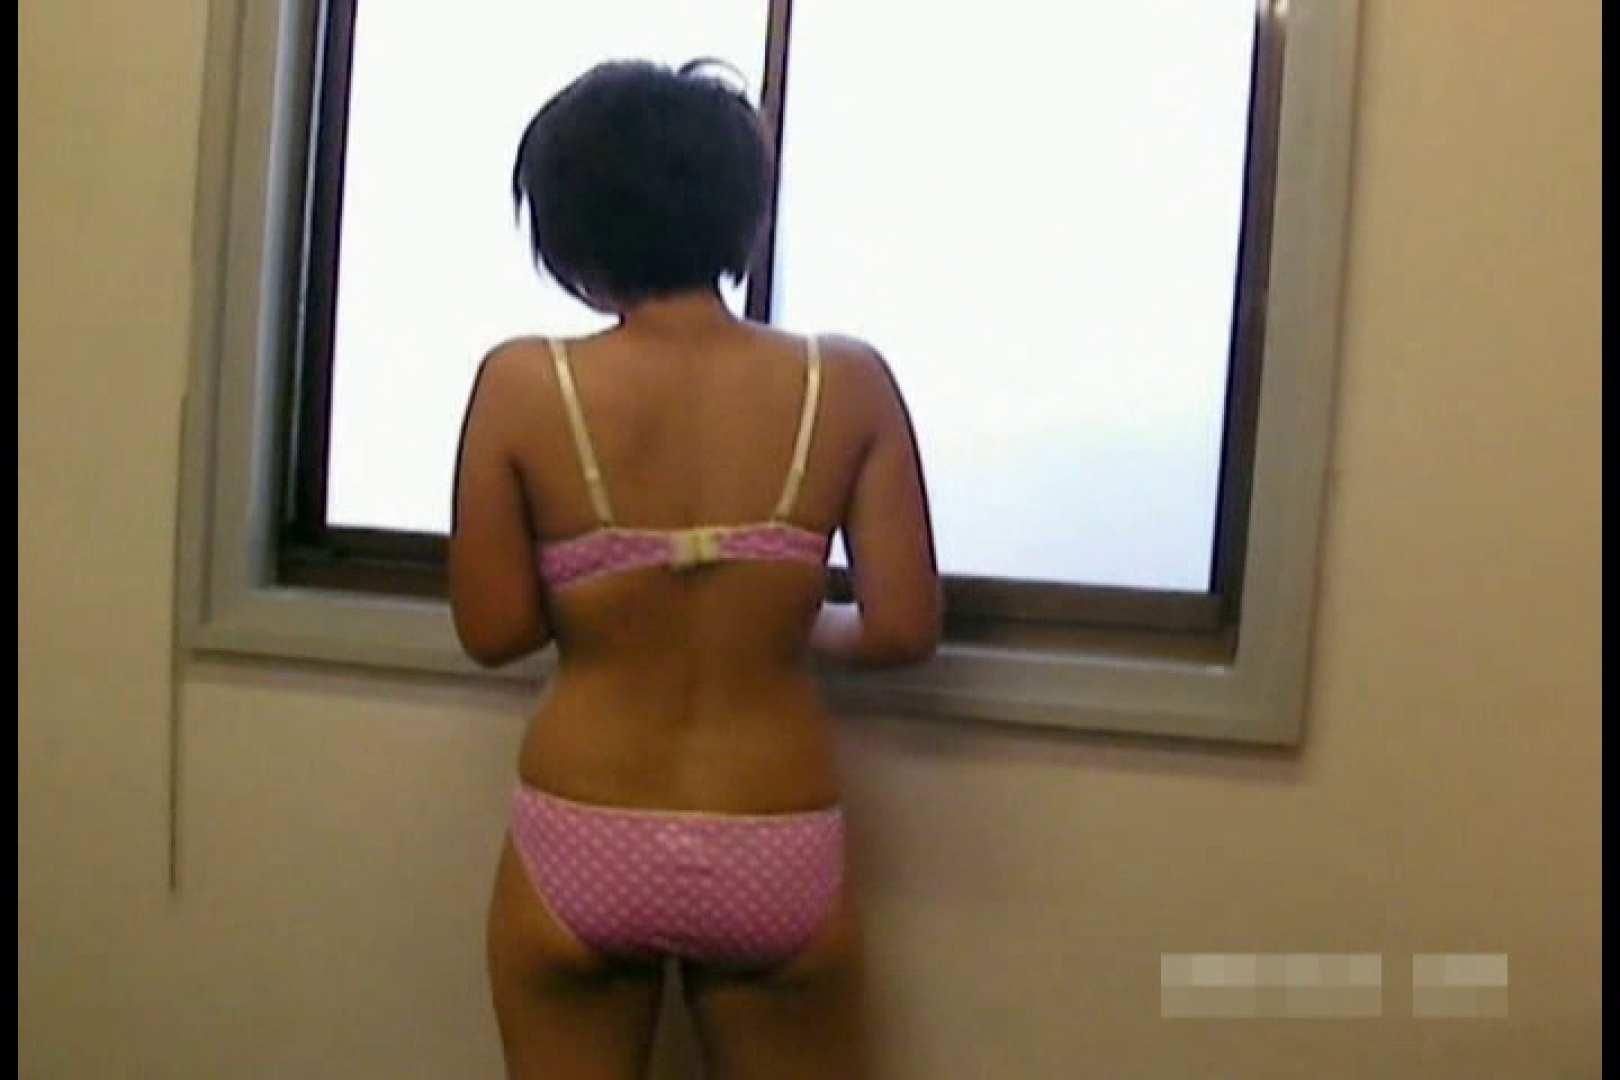 素人撮影 下着だけの撮影のはずが・・・エミちゃん18歳 盗撮   ギャル達のオマンコ  55画像 44